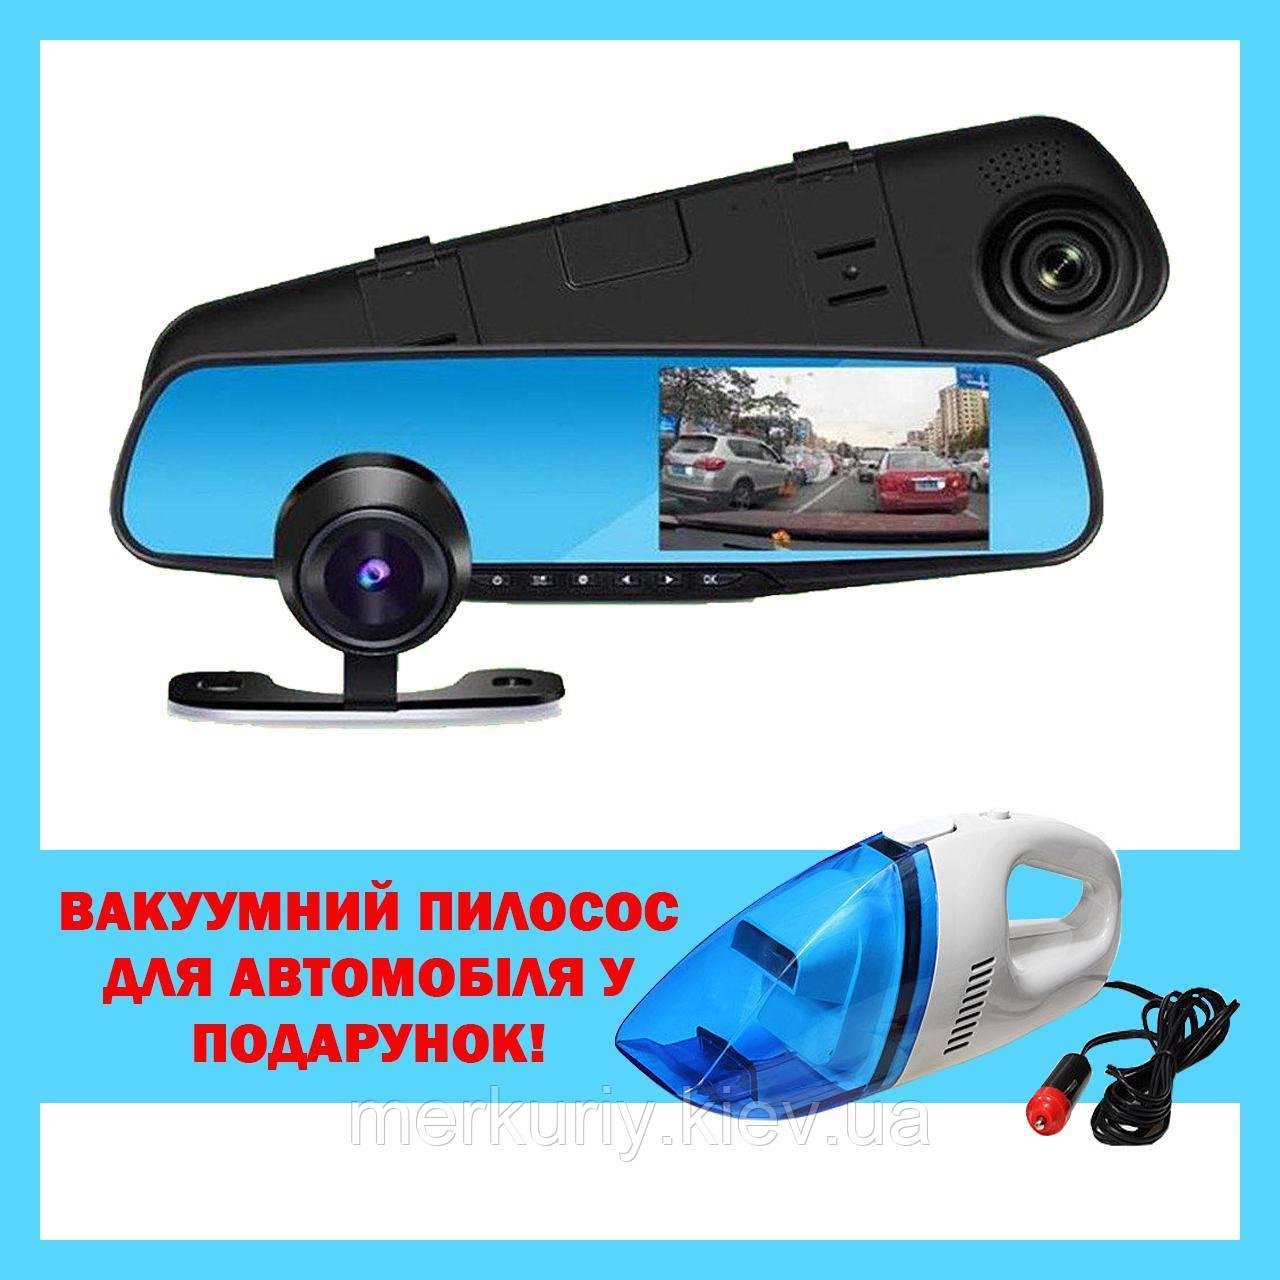 Камера дзеркало відеореєстратор 2 дві камери з камерою заднього виду, автомобільний реєстратор